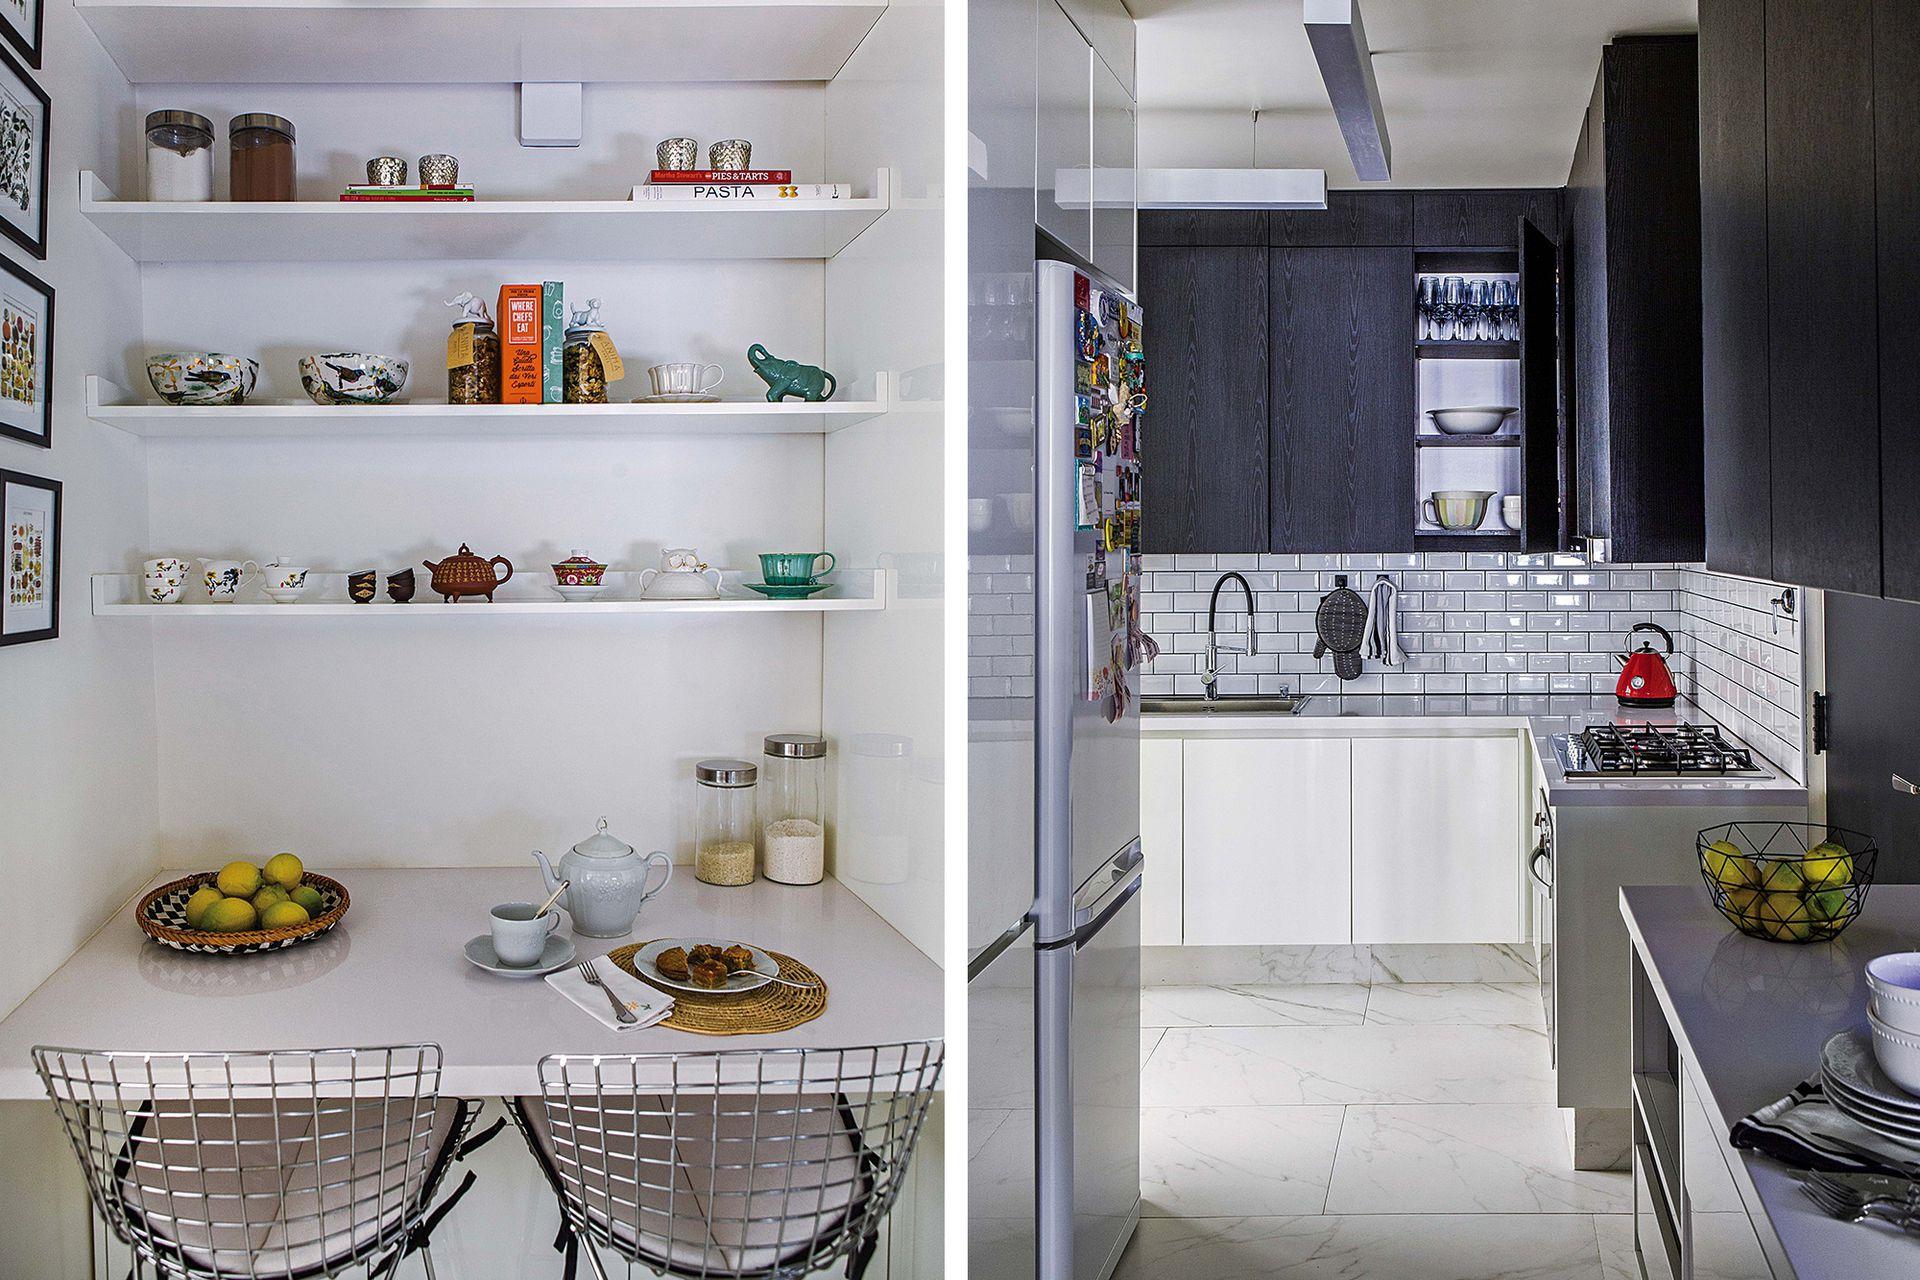 Un antiguo corredor fue reconvertido en cocina: como eran pocos metros, la arquitecta eligió el contraste entre blanco y negro para generar profundidad visual.